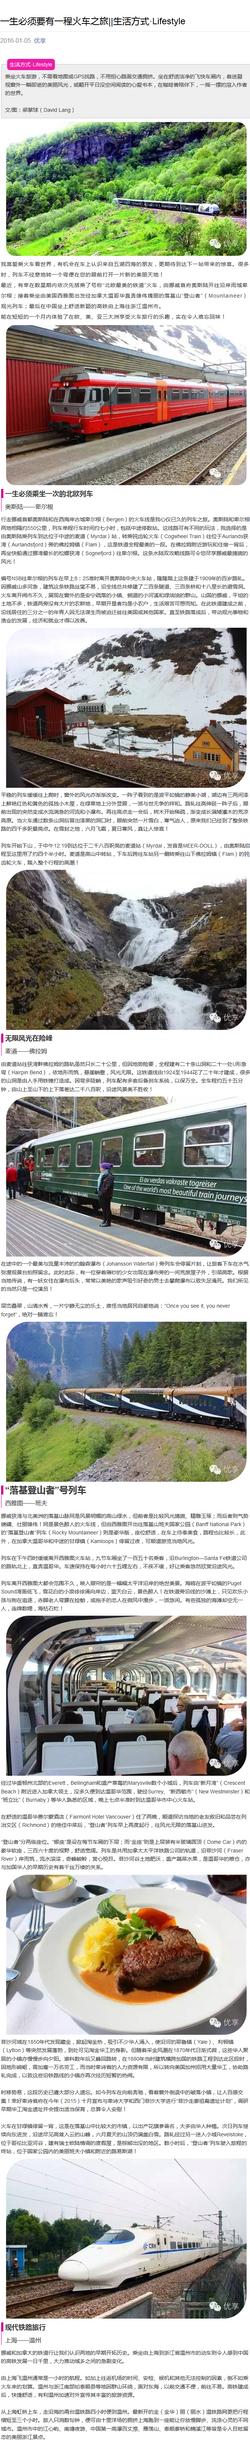 一生必須要有一程火車之旅